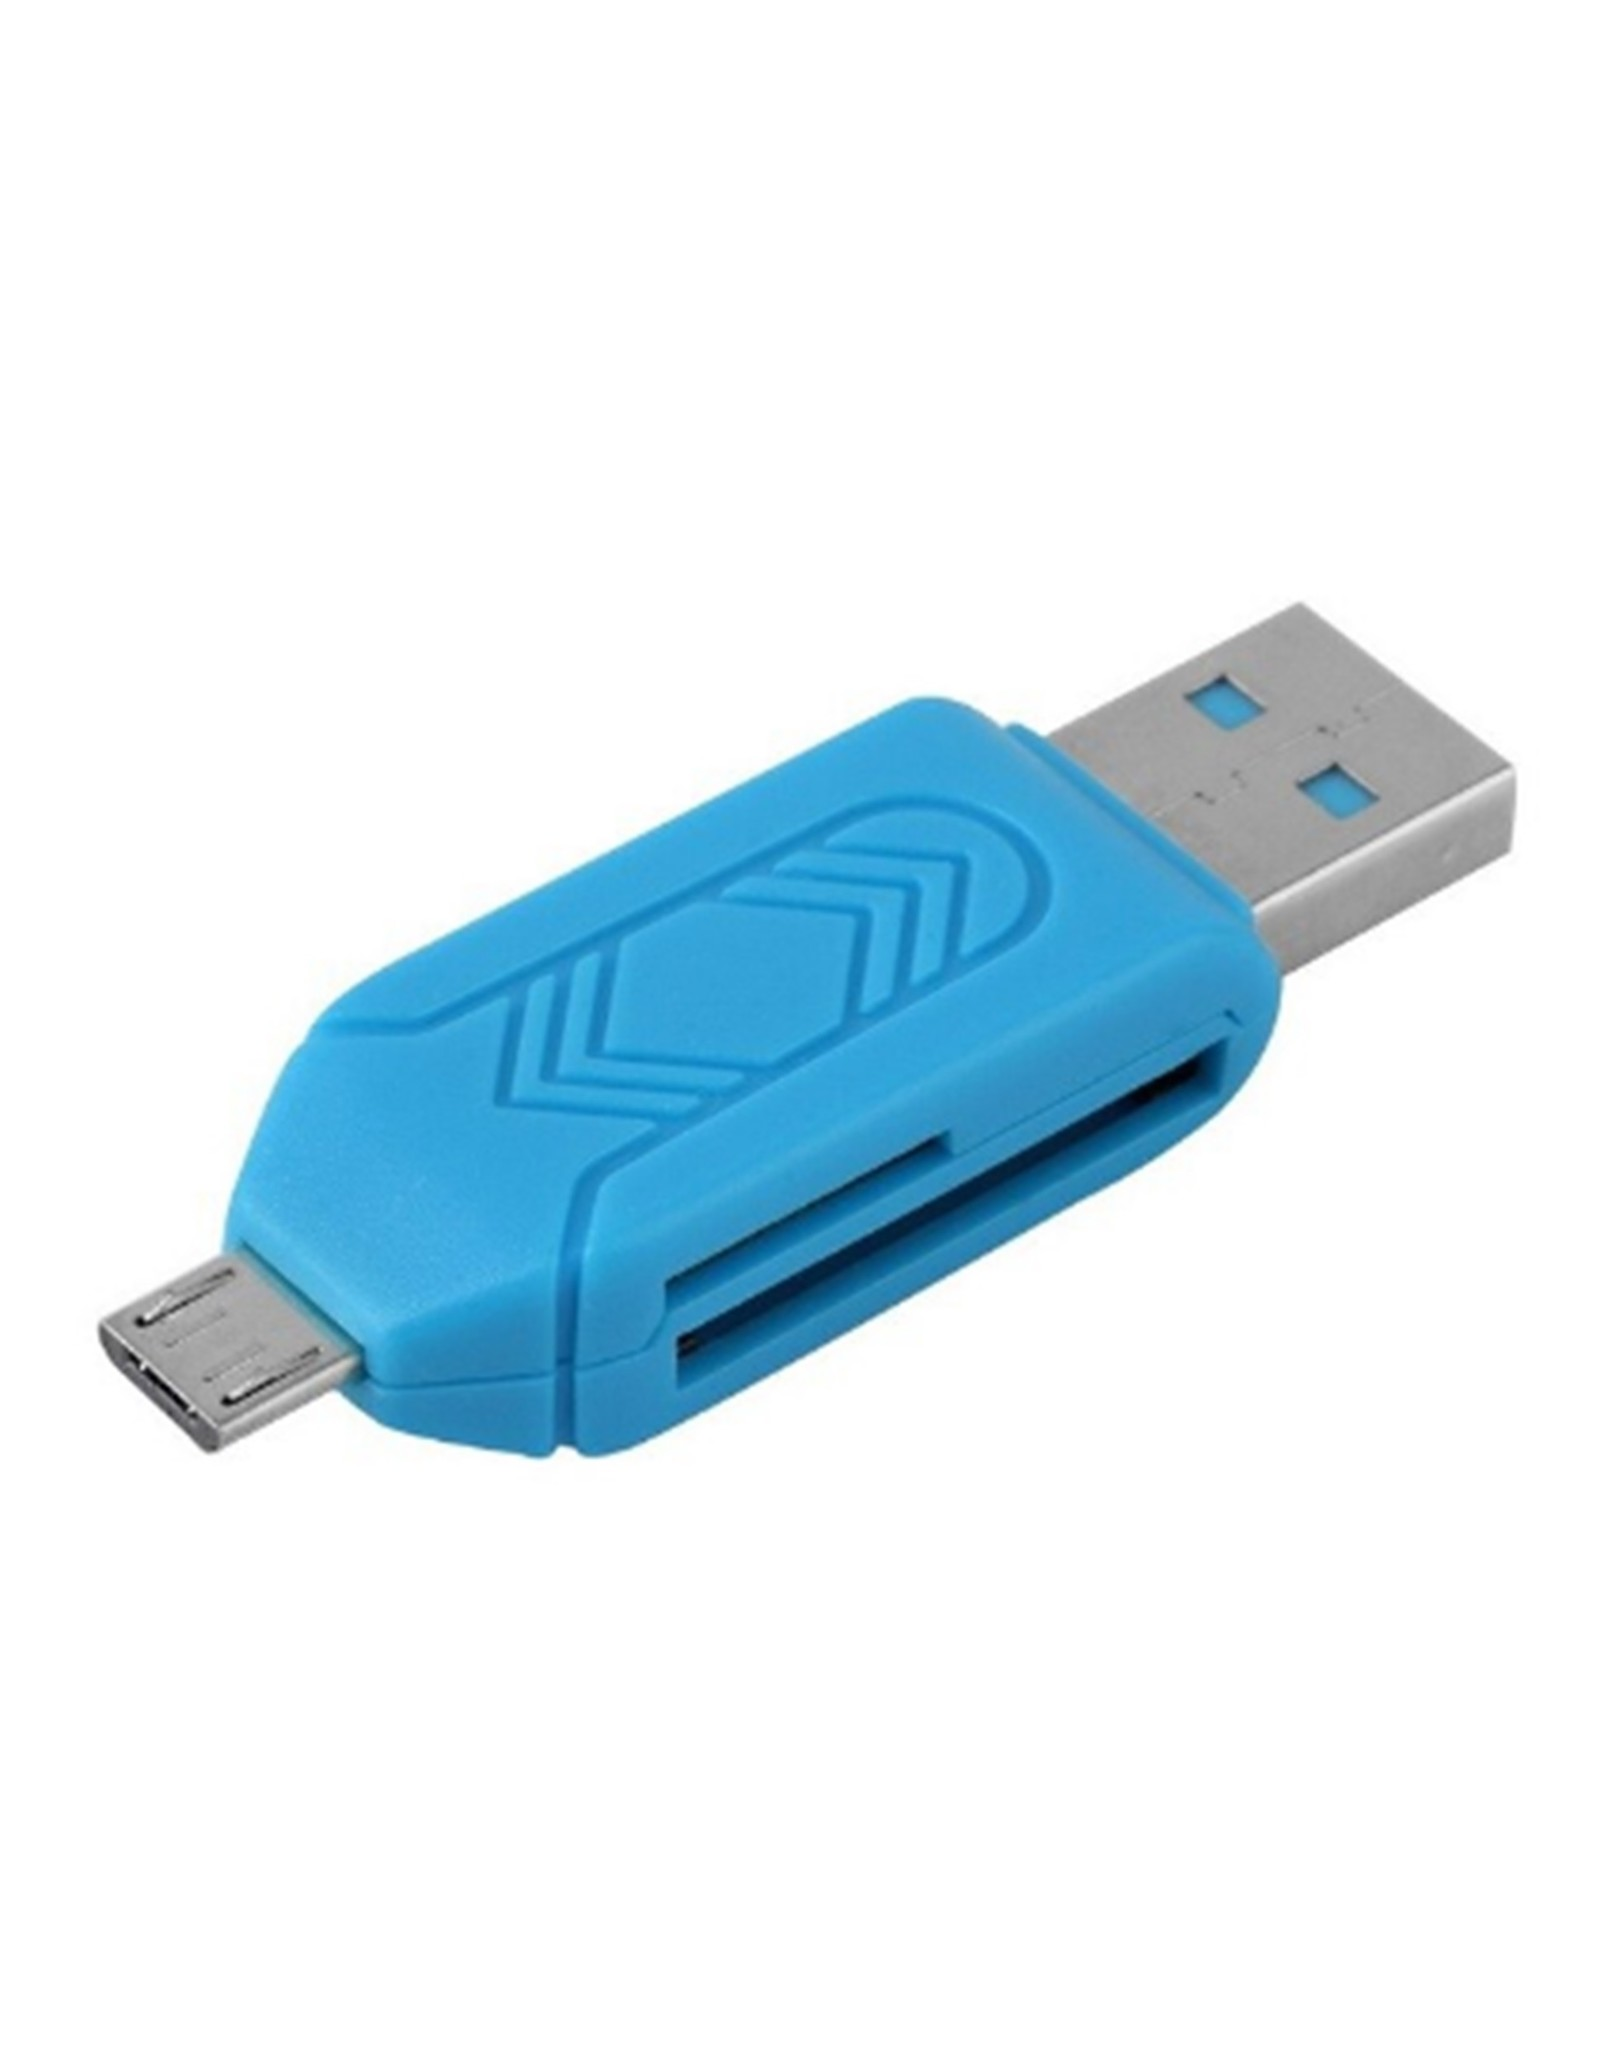 Merkloos OTG Micro USB kaartlezer voor PC en Mobiele telefoon – Diverse Kleuren